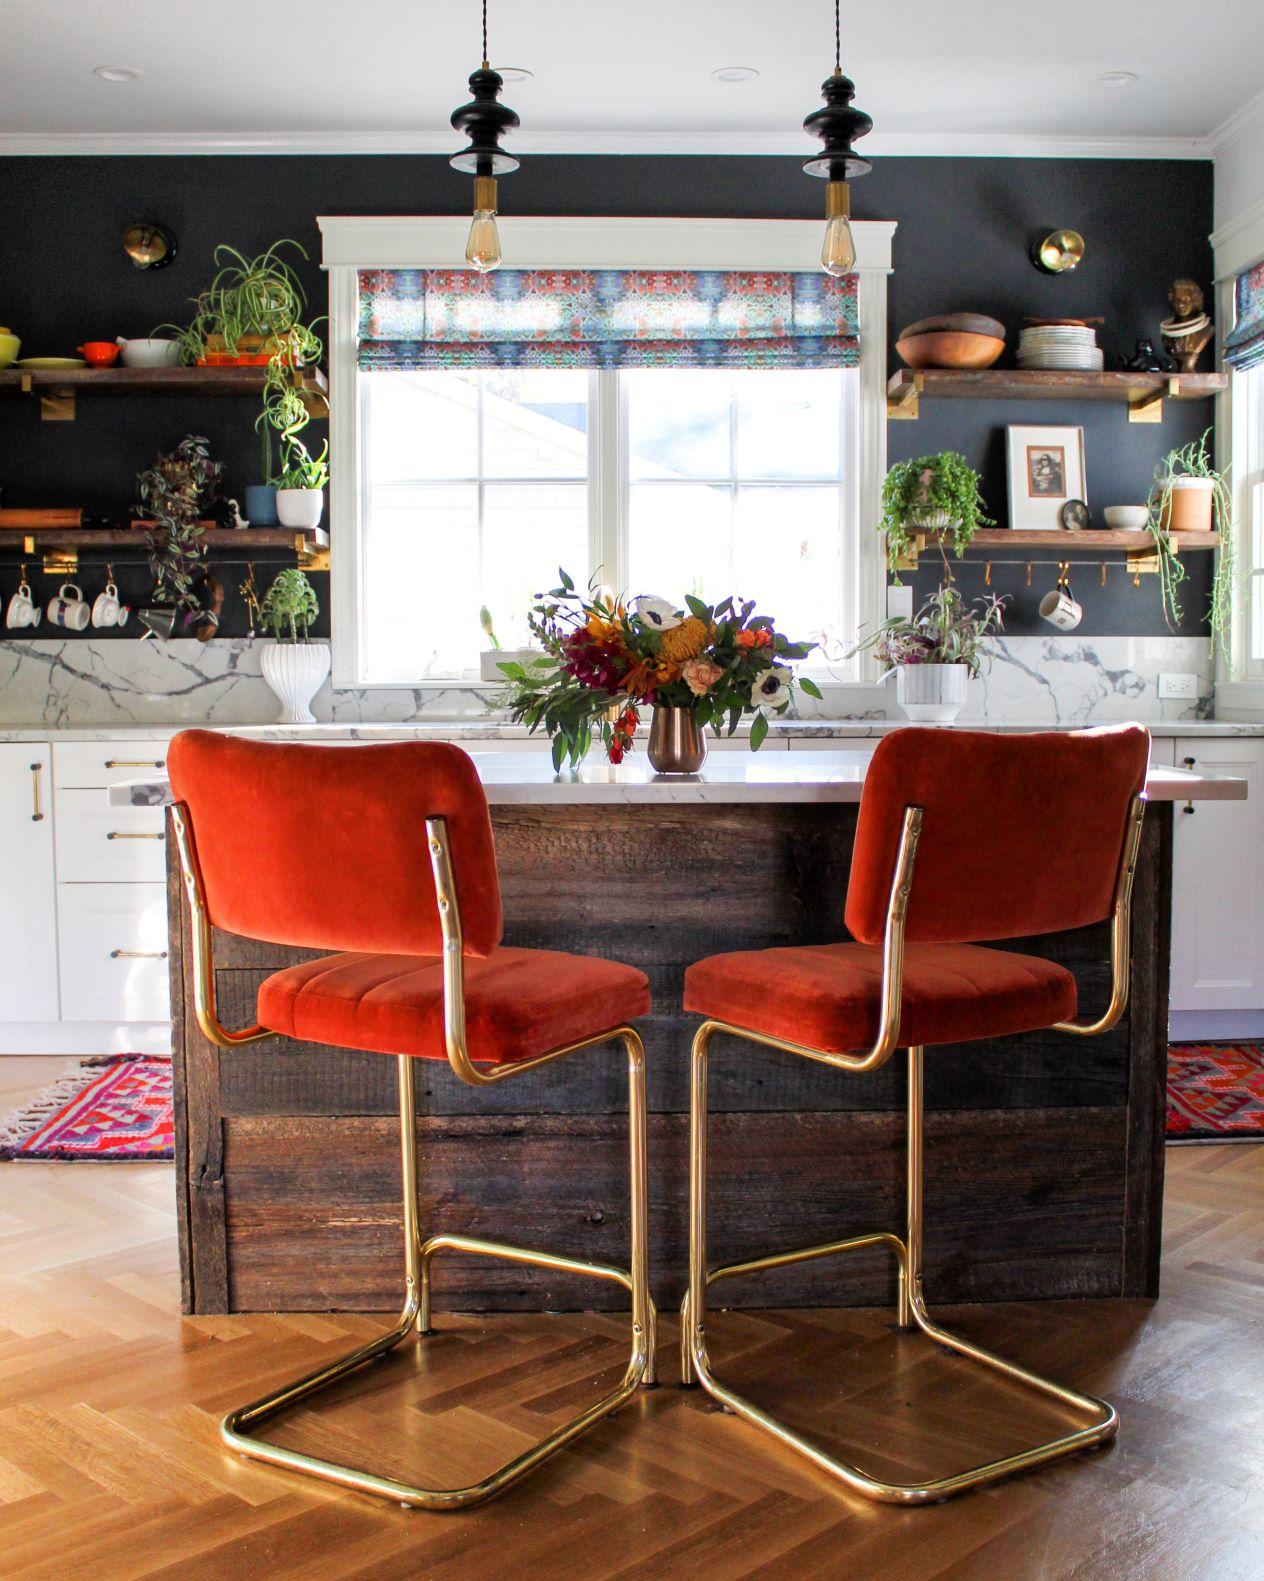 velvet red bar stools